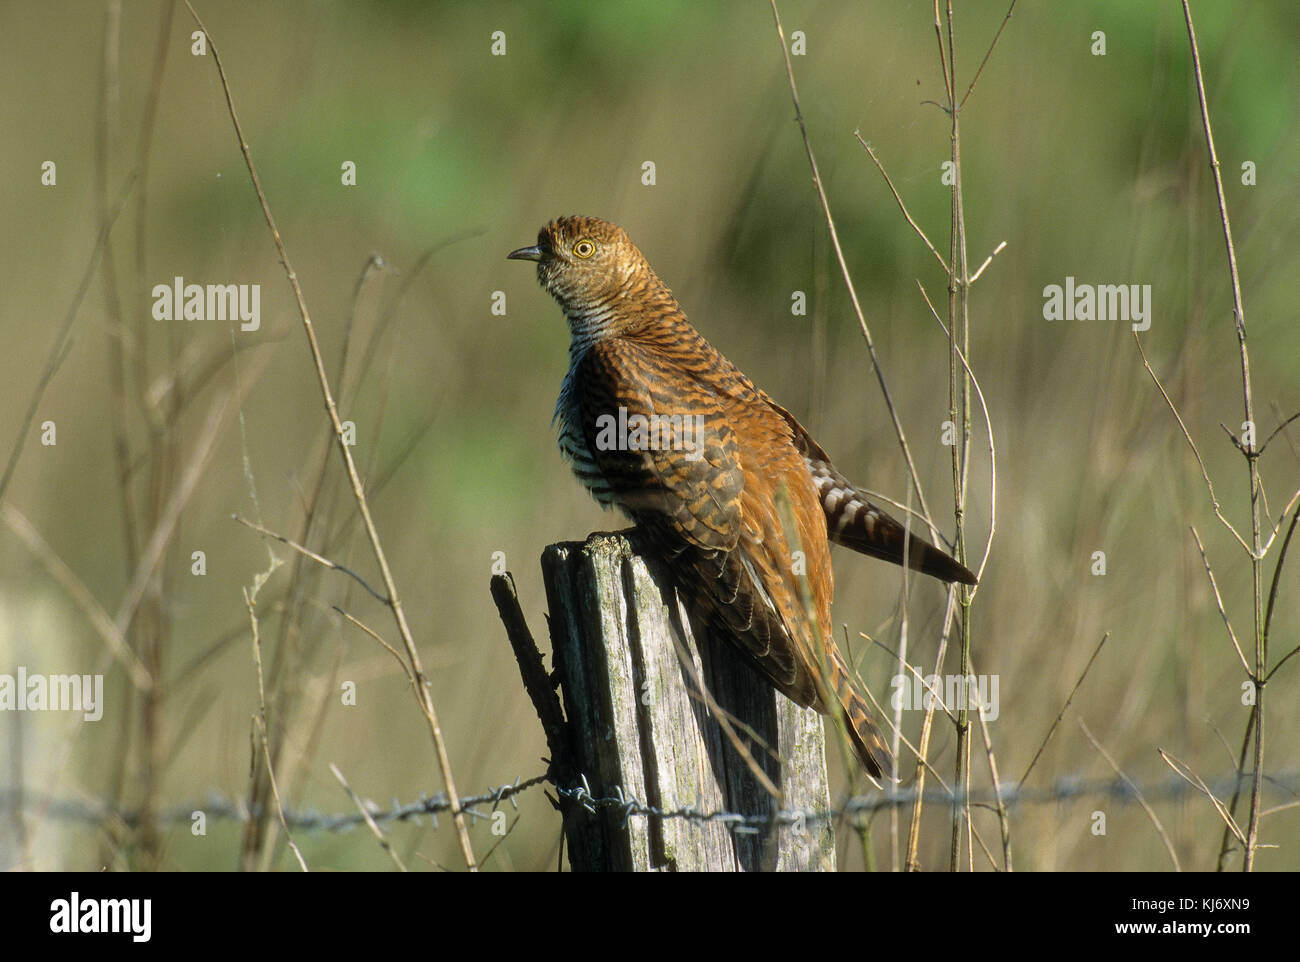 Kuckuck, braun gefärbtes Weibchen, Cucullus canorus, cuckoo - Stock Image